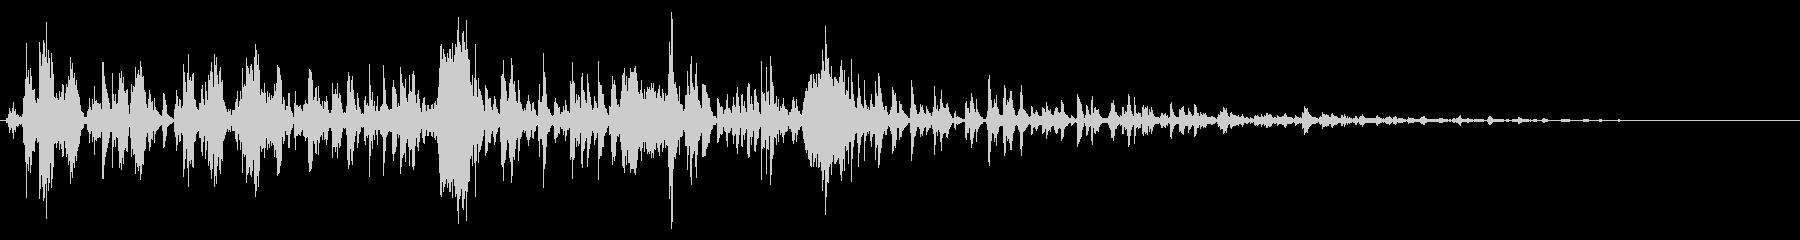 ベビーラトル:鳴き声とラトルのおもちゃの未再生の波形